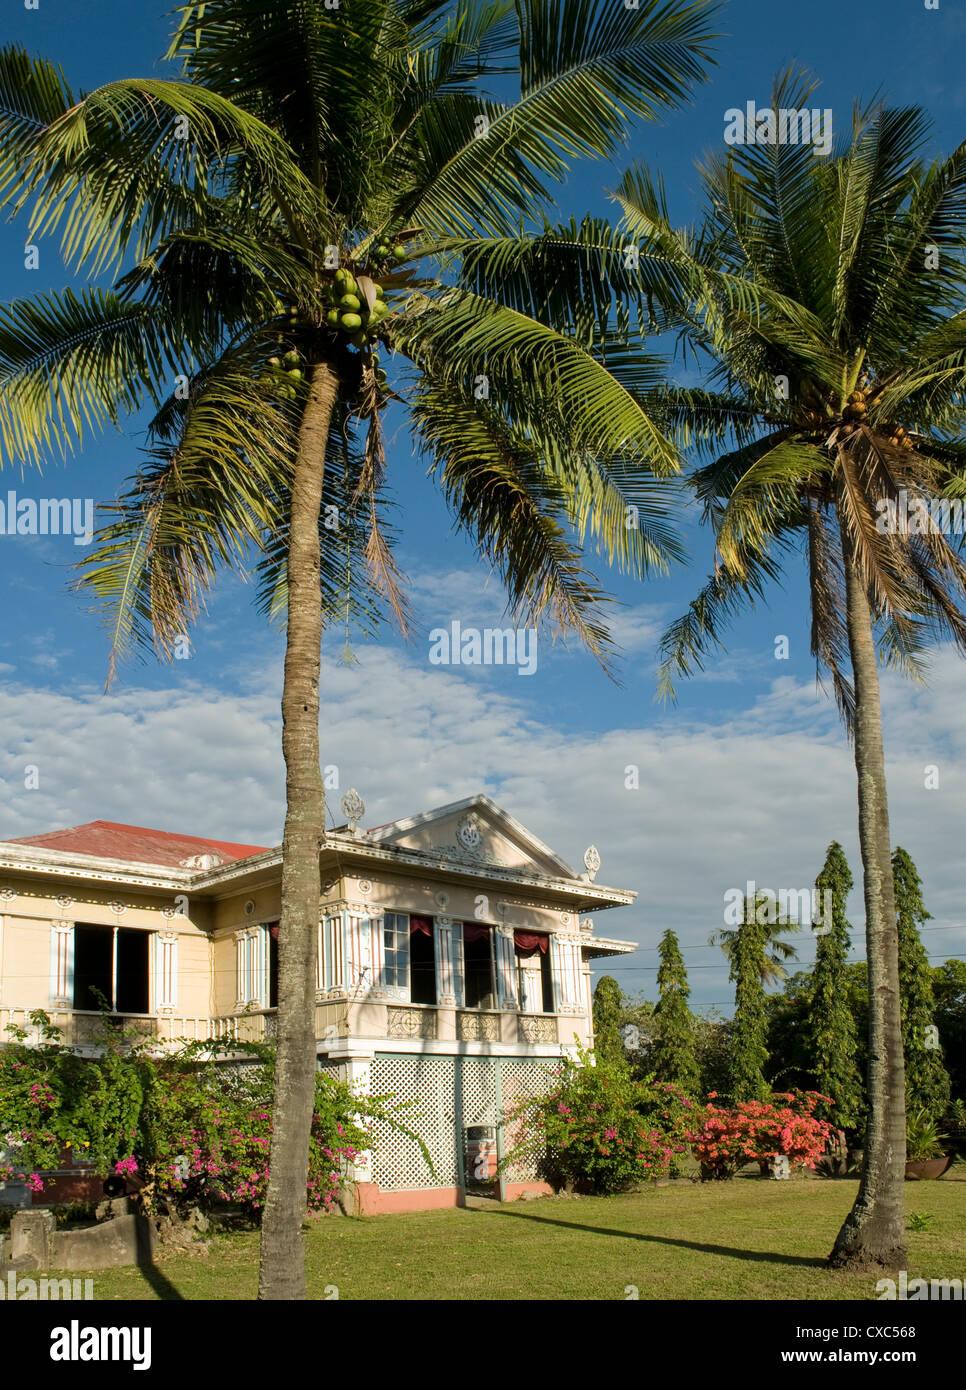 Montiola Sanson maison du patrimoine, Iloilo, Philippines, Asie du Sud, Asie Banque D'Images